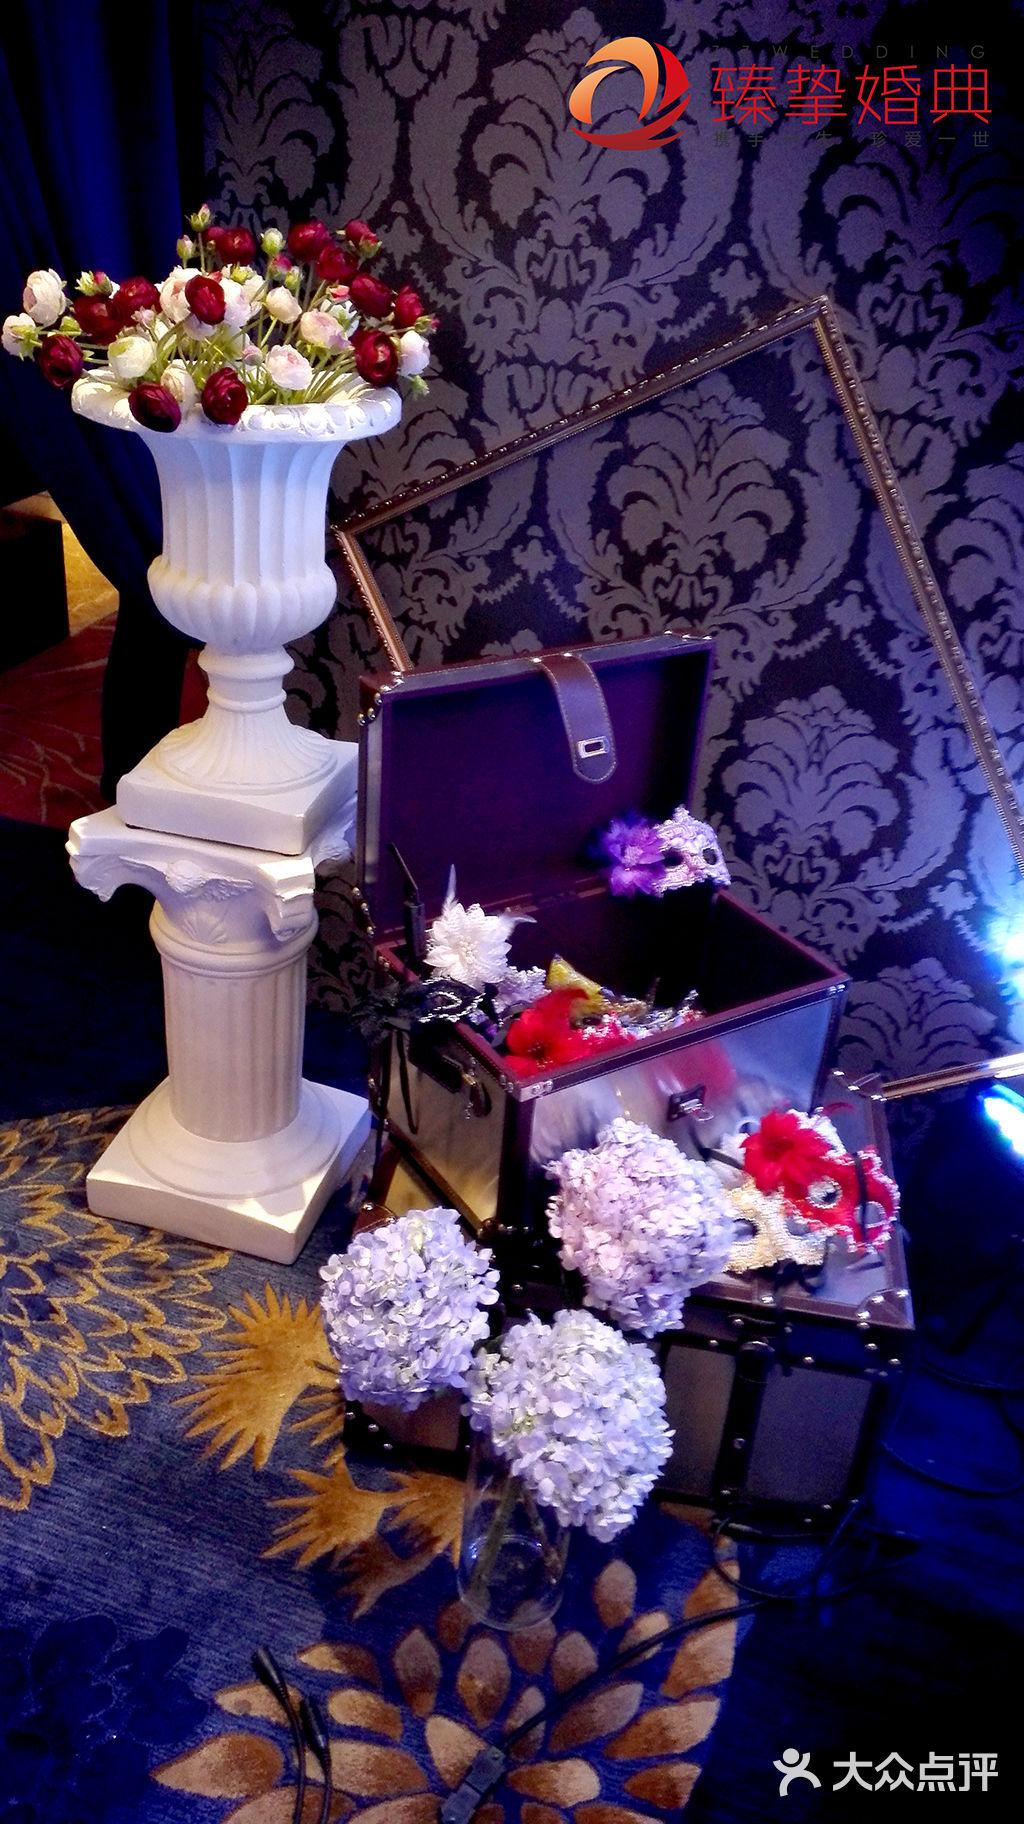 皇家舞会欧式宫廷奢华套系-臻挚婚典—创意主题婚礼